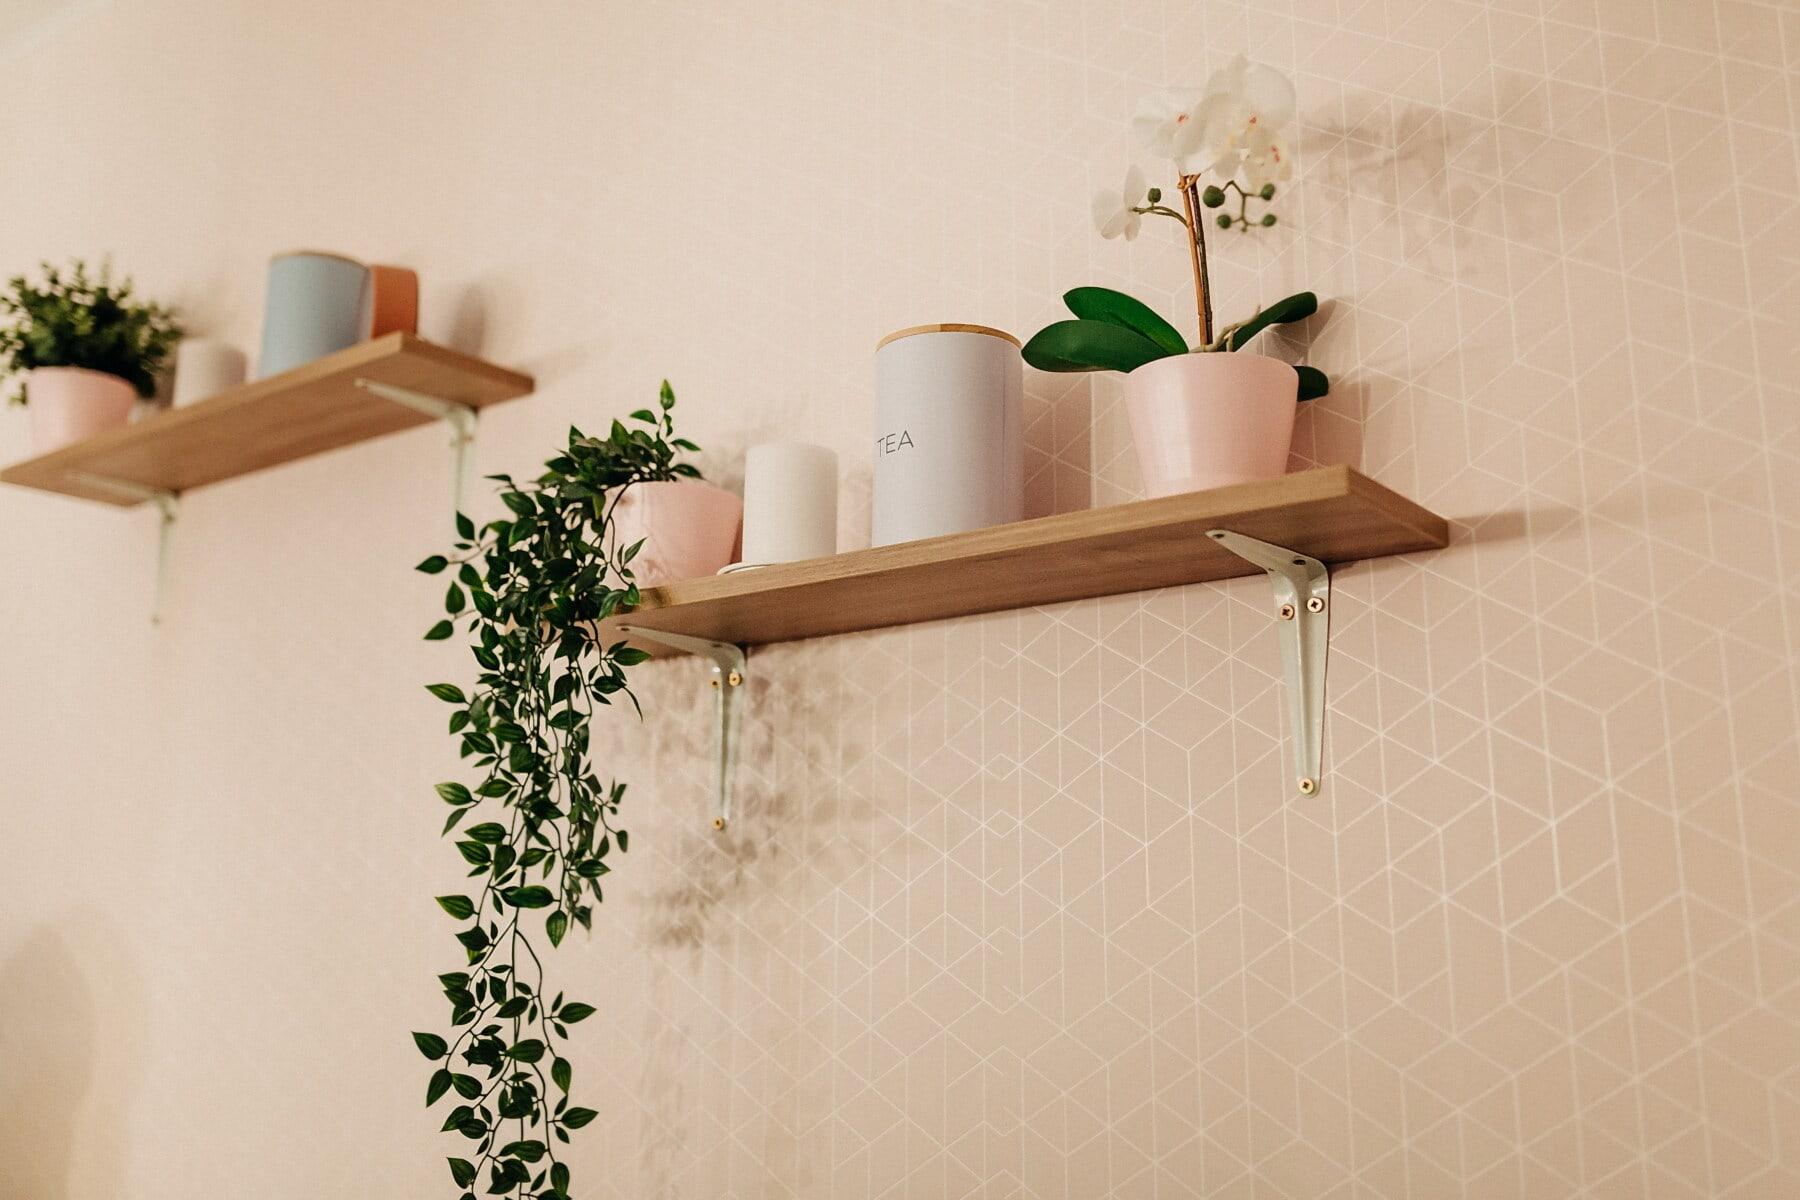 mur, plateau, pot de fleurs, Orchid, élégant, miniature, Minimalisme, maison, Design d'intérieur, Accueil